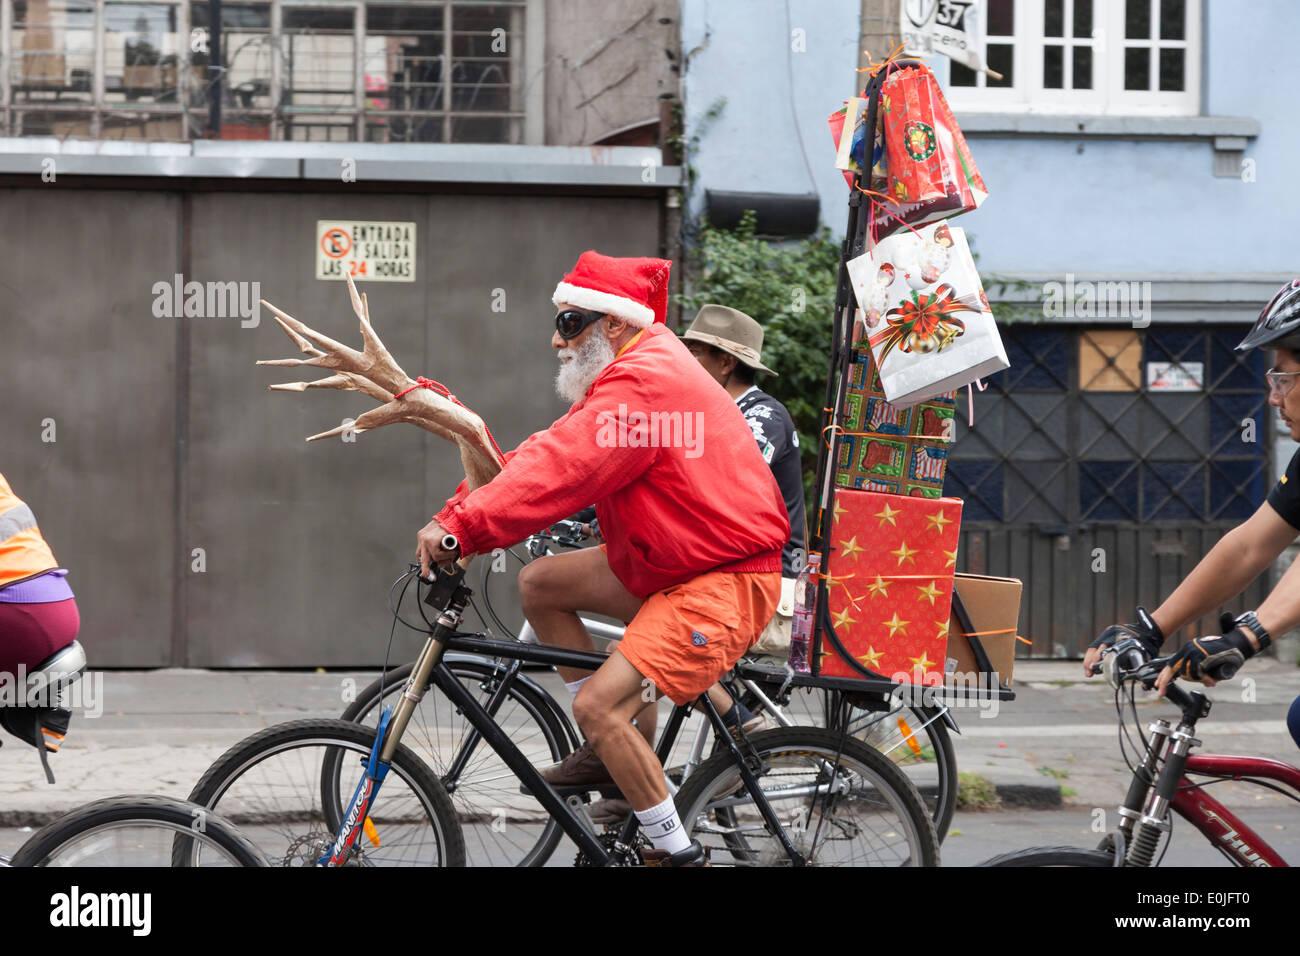 Reifer Mann Mit Dem Fahrrad Verkleidet Als Weihnachtsmann Auf Auto